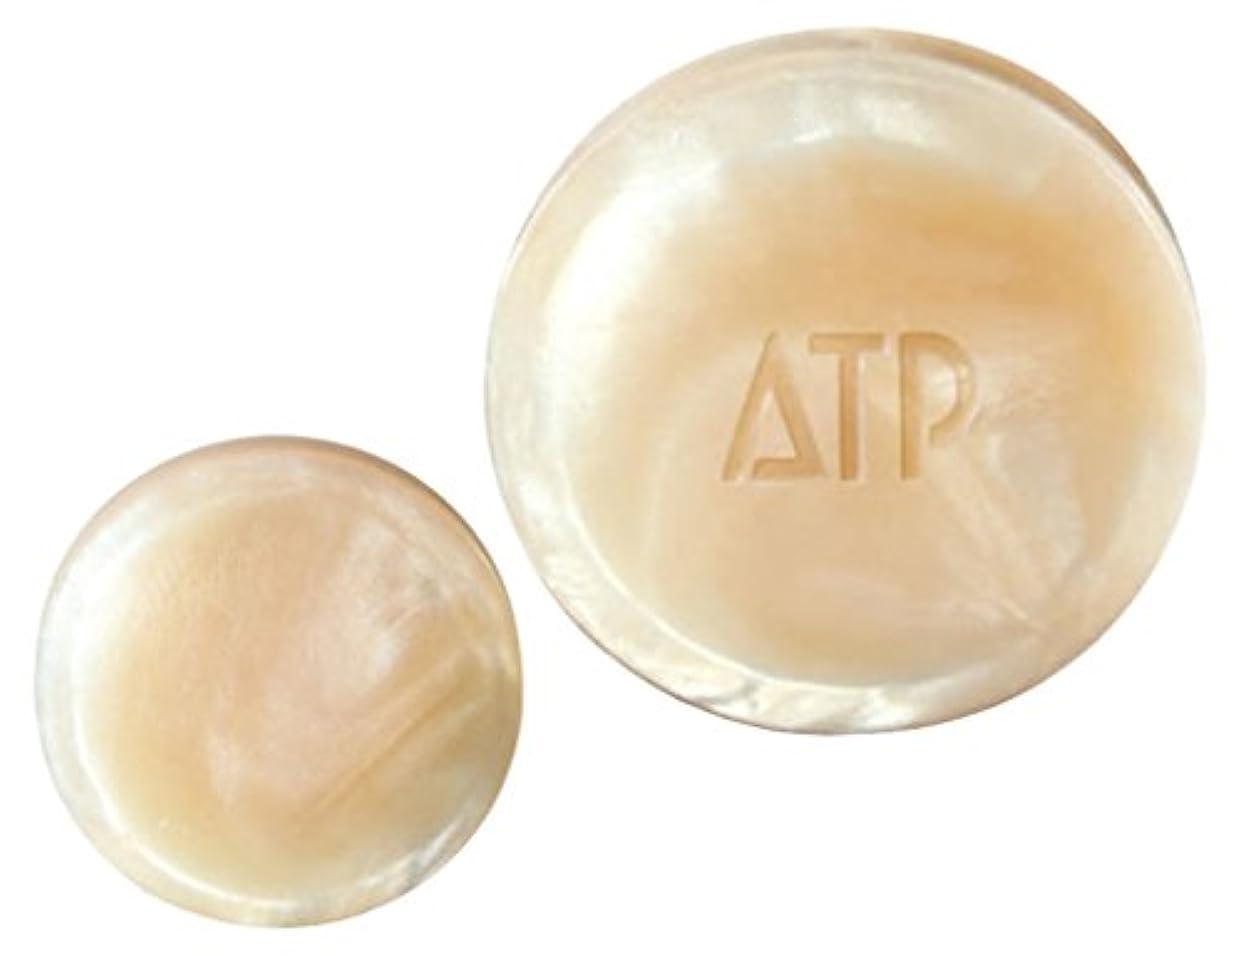 びっくりディンカルビルどっちでも薬用ATP デリケアソープ 30g (全身用洗浄石けん?枠練り) [医薬部外品]